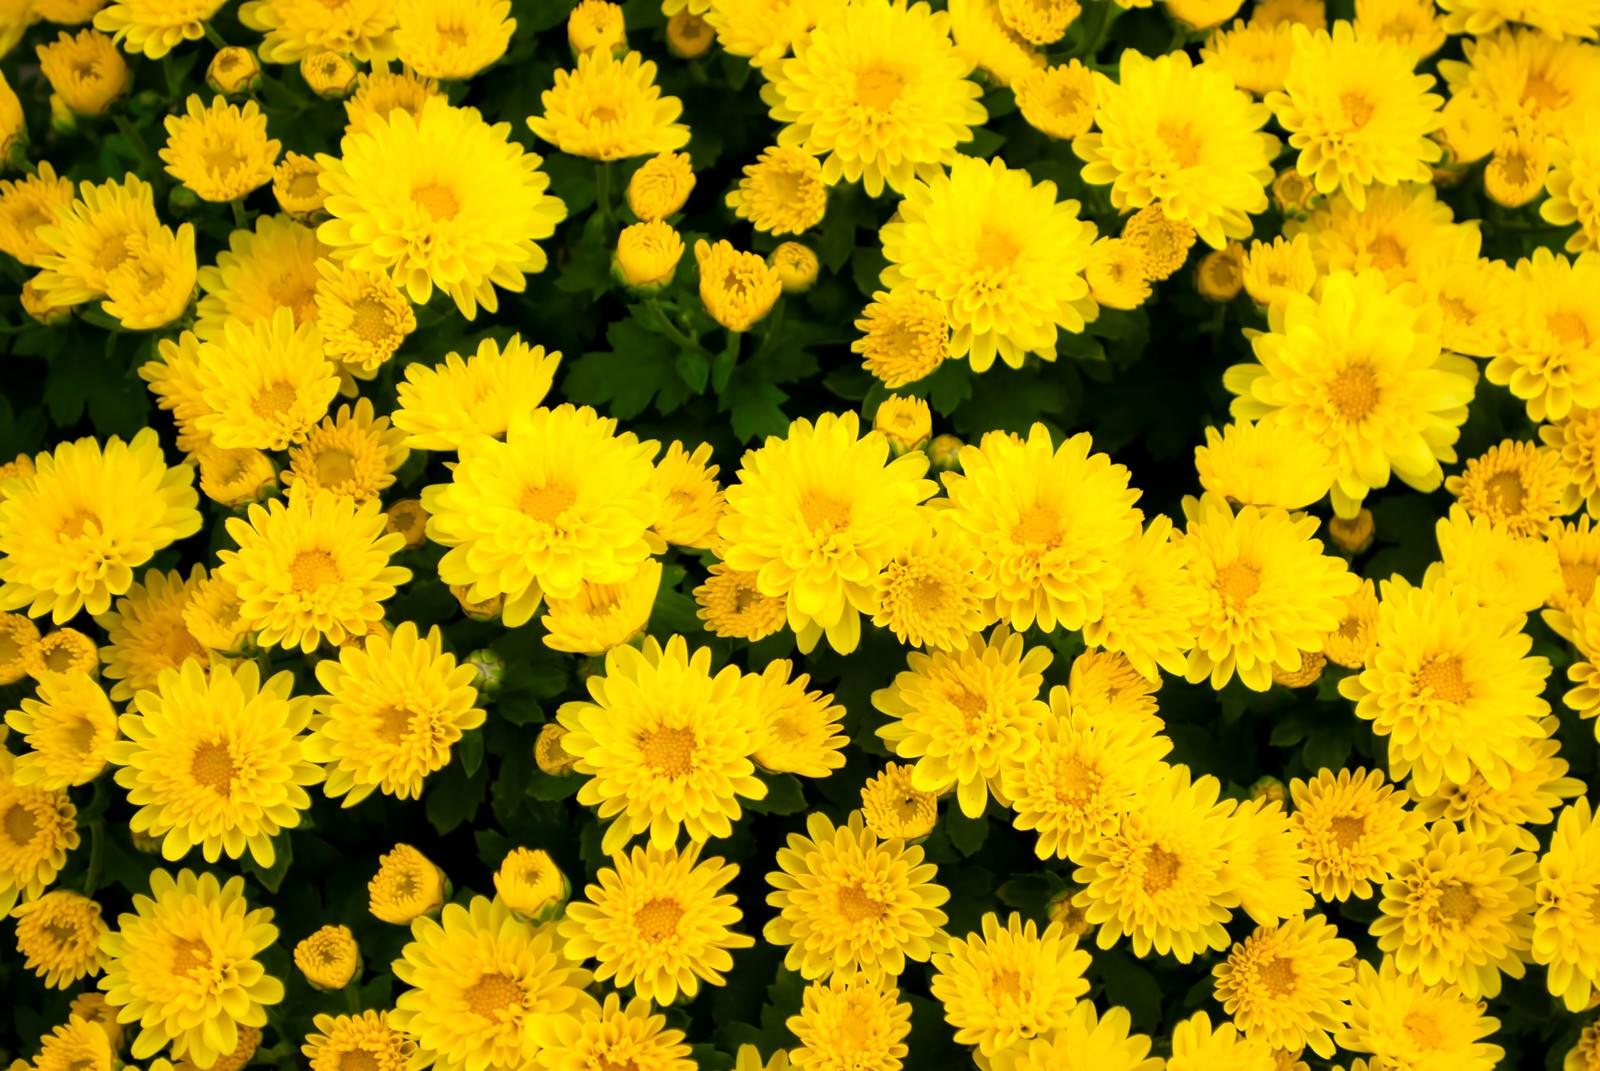 「黄色い花のテクスチャー」の写真